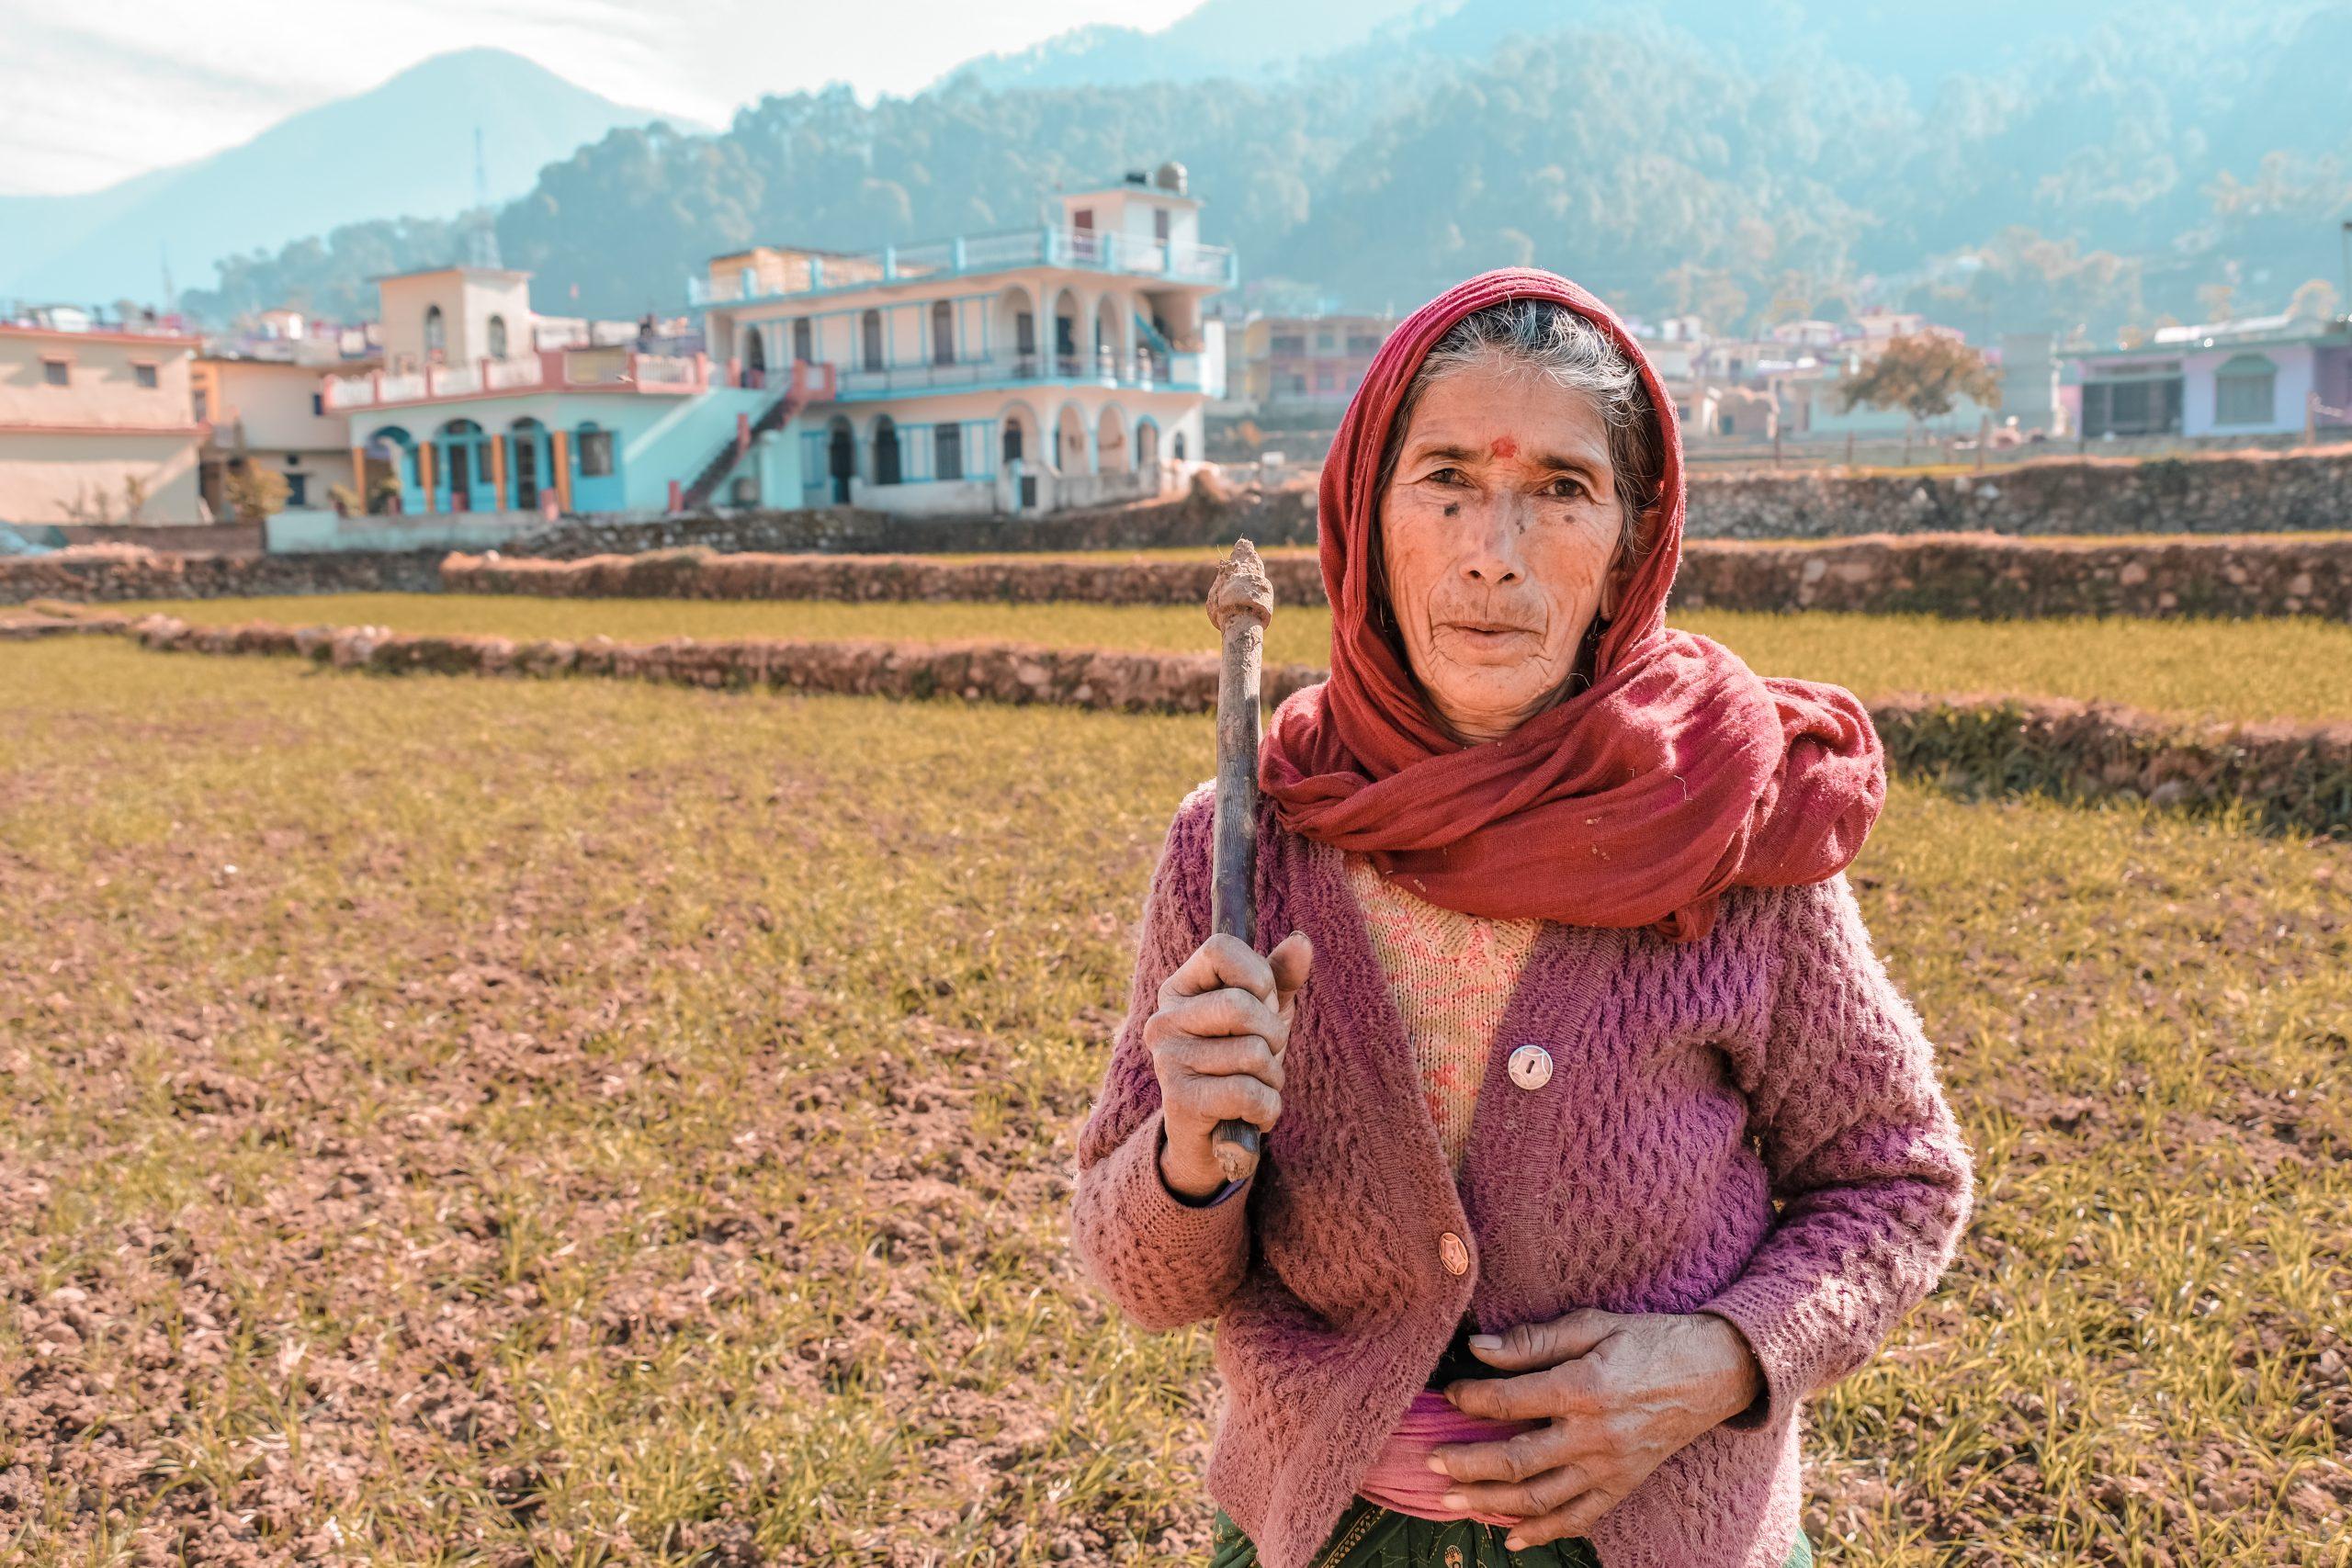 farmer working in the field